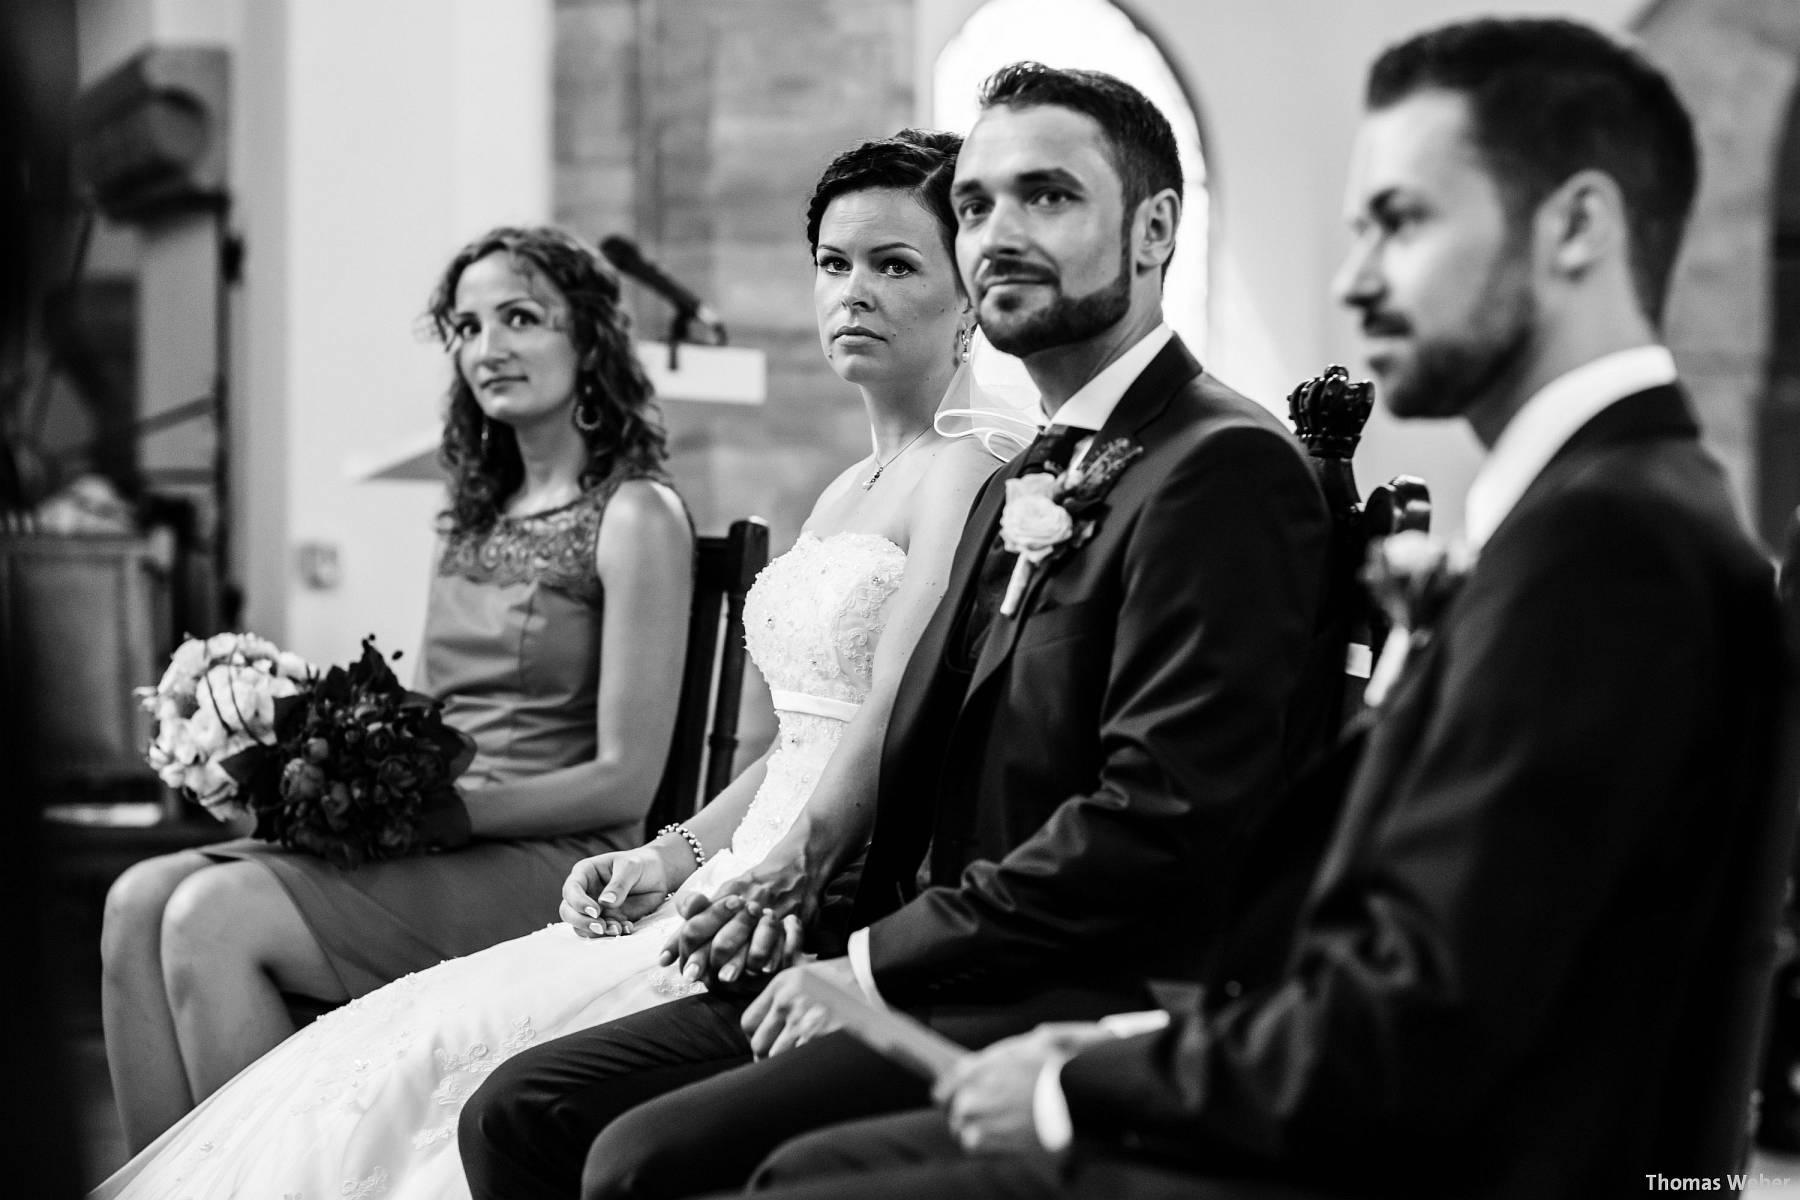 Hochzeitsfotograf Oldenburg: Kirchliche Trauung in der Garnisonkirche Oldenburg und Feier im Landhaus Etzhorn Oldenburg (23)